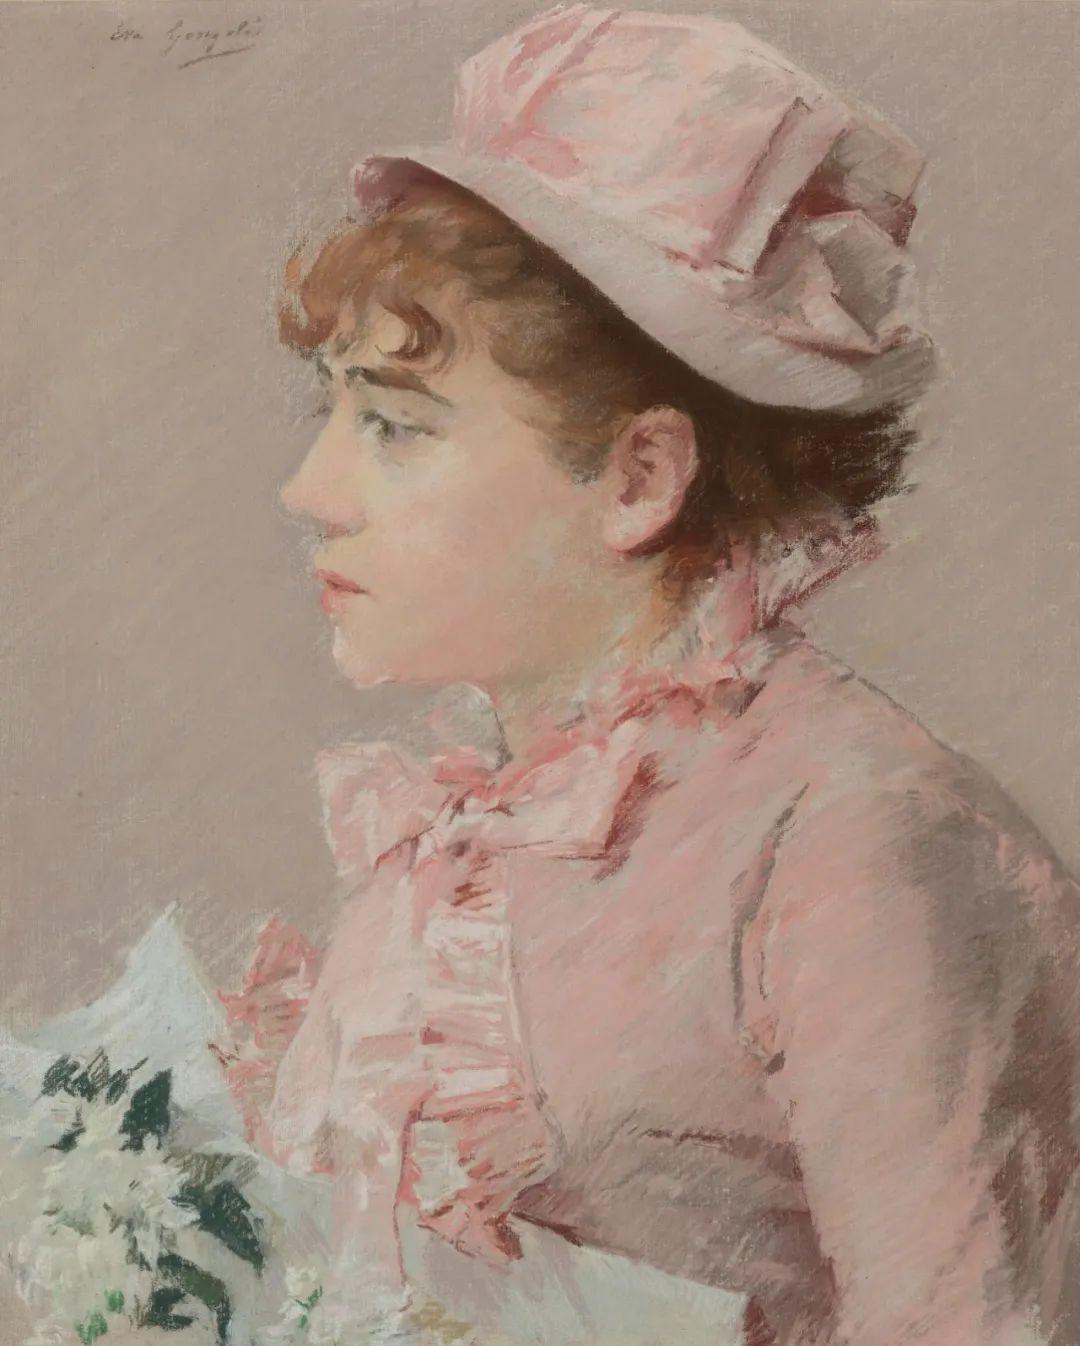 伊娃·冈萨雷斯,19世纪法国印象派女画家插图27